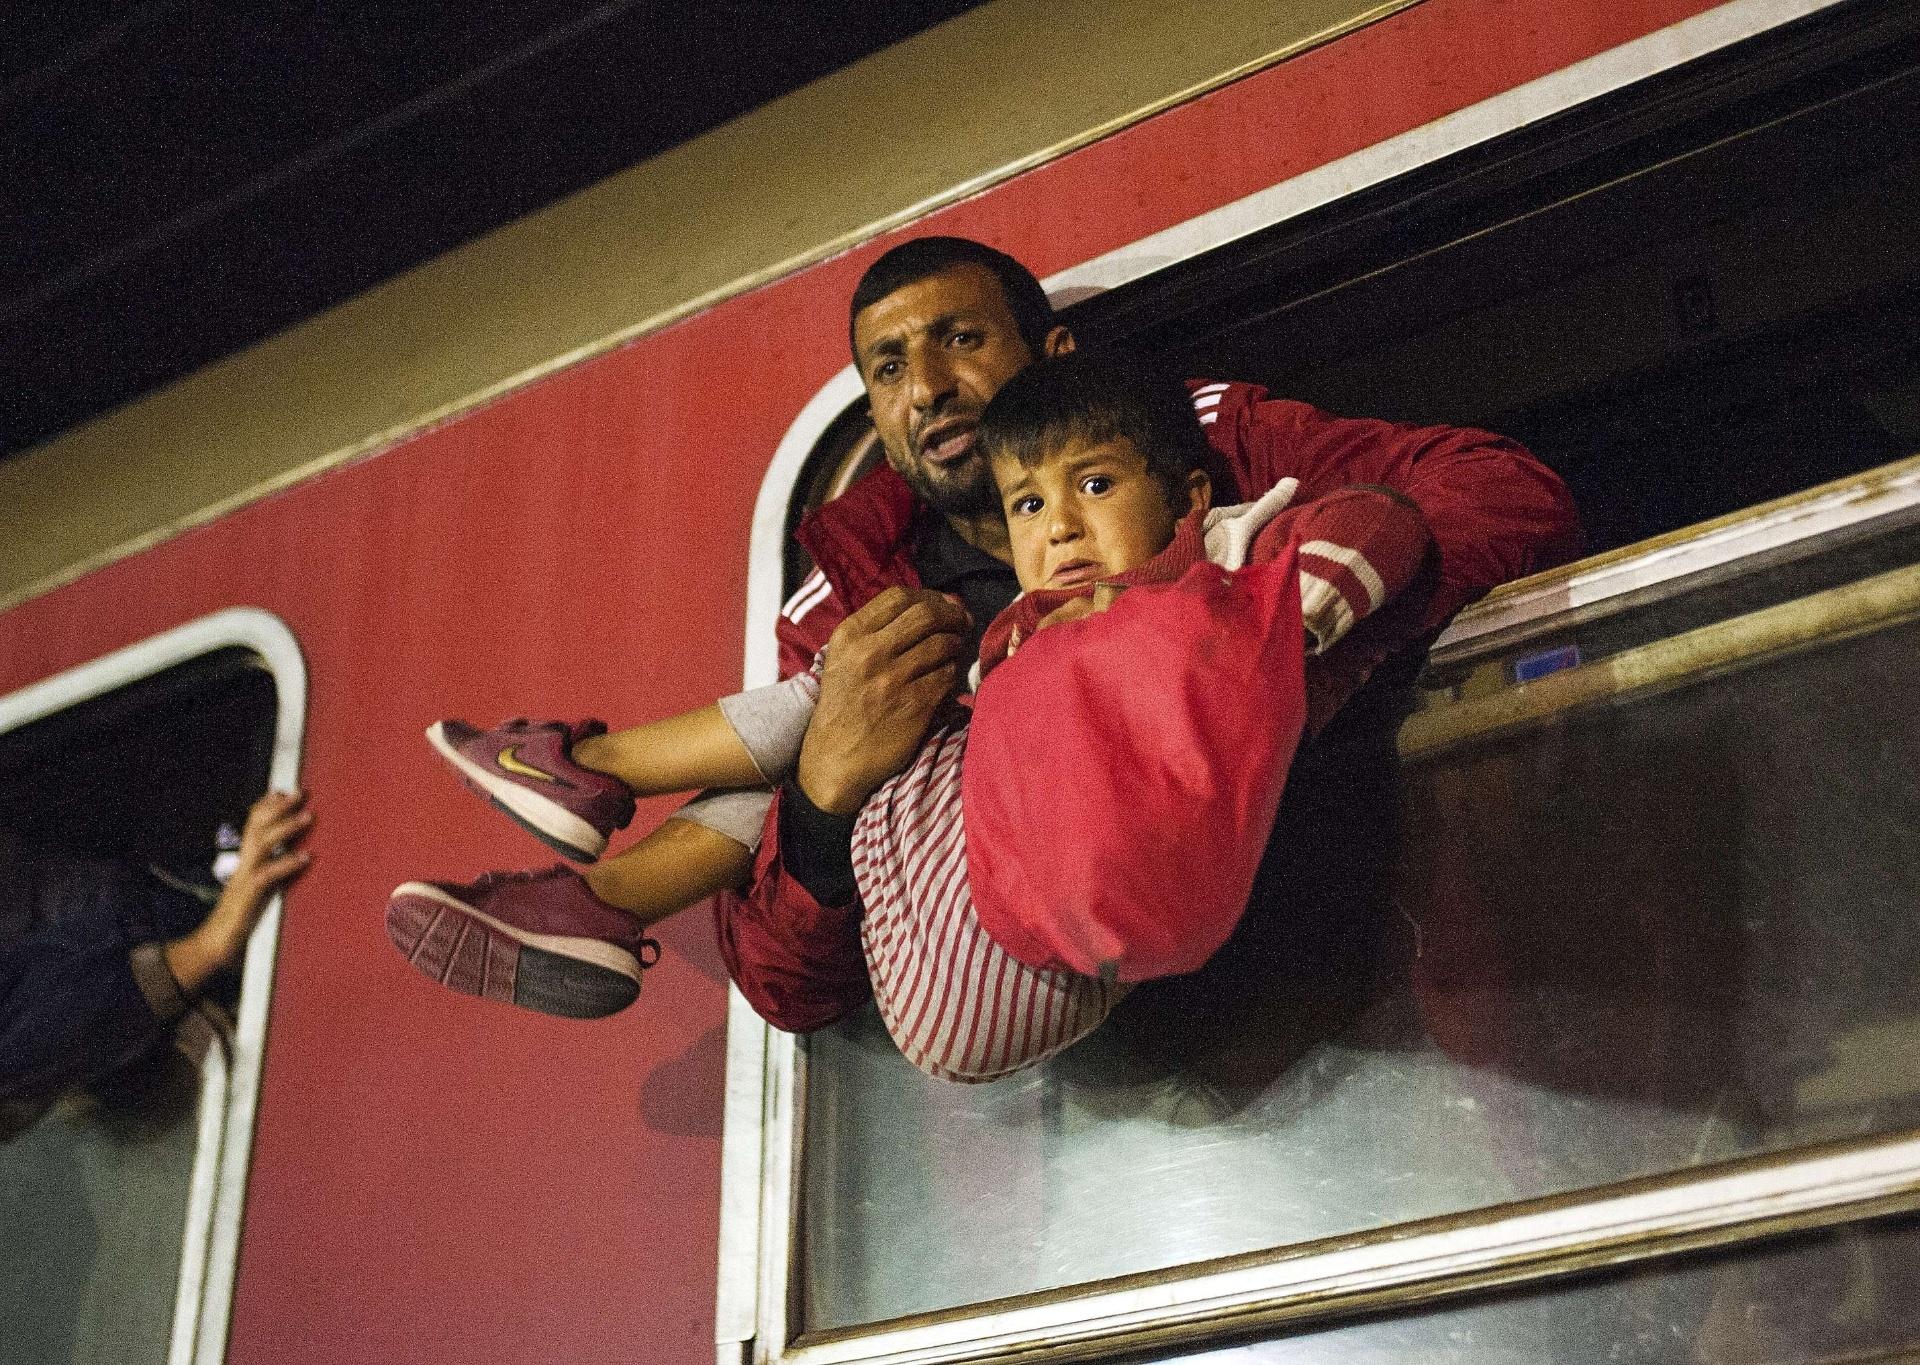 7.out.2015 - Homem segura criança em janela de trem que segue para a Sérvia a partir de Gevgelija, na fronteira entre Grécia e Macedônia. A Macedônia é um país de trânsito crucial na rota de migração de refugiados, muitos deles vindos da Síria, Afeganistão, Iraque e Somália na tentativa de conseguir asilo na Europa